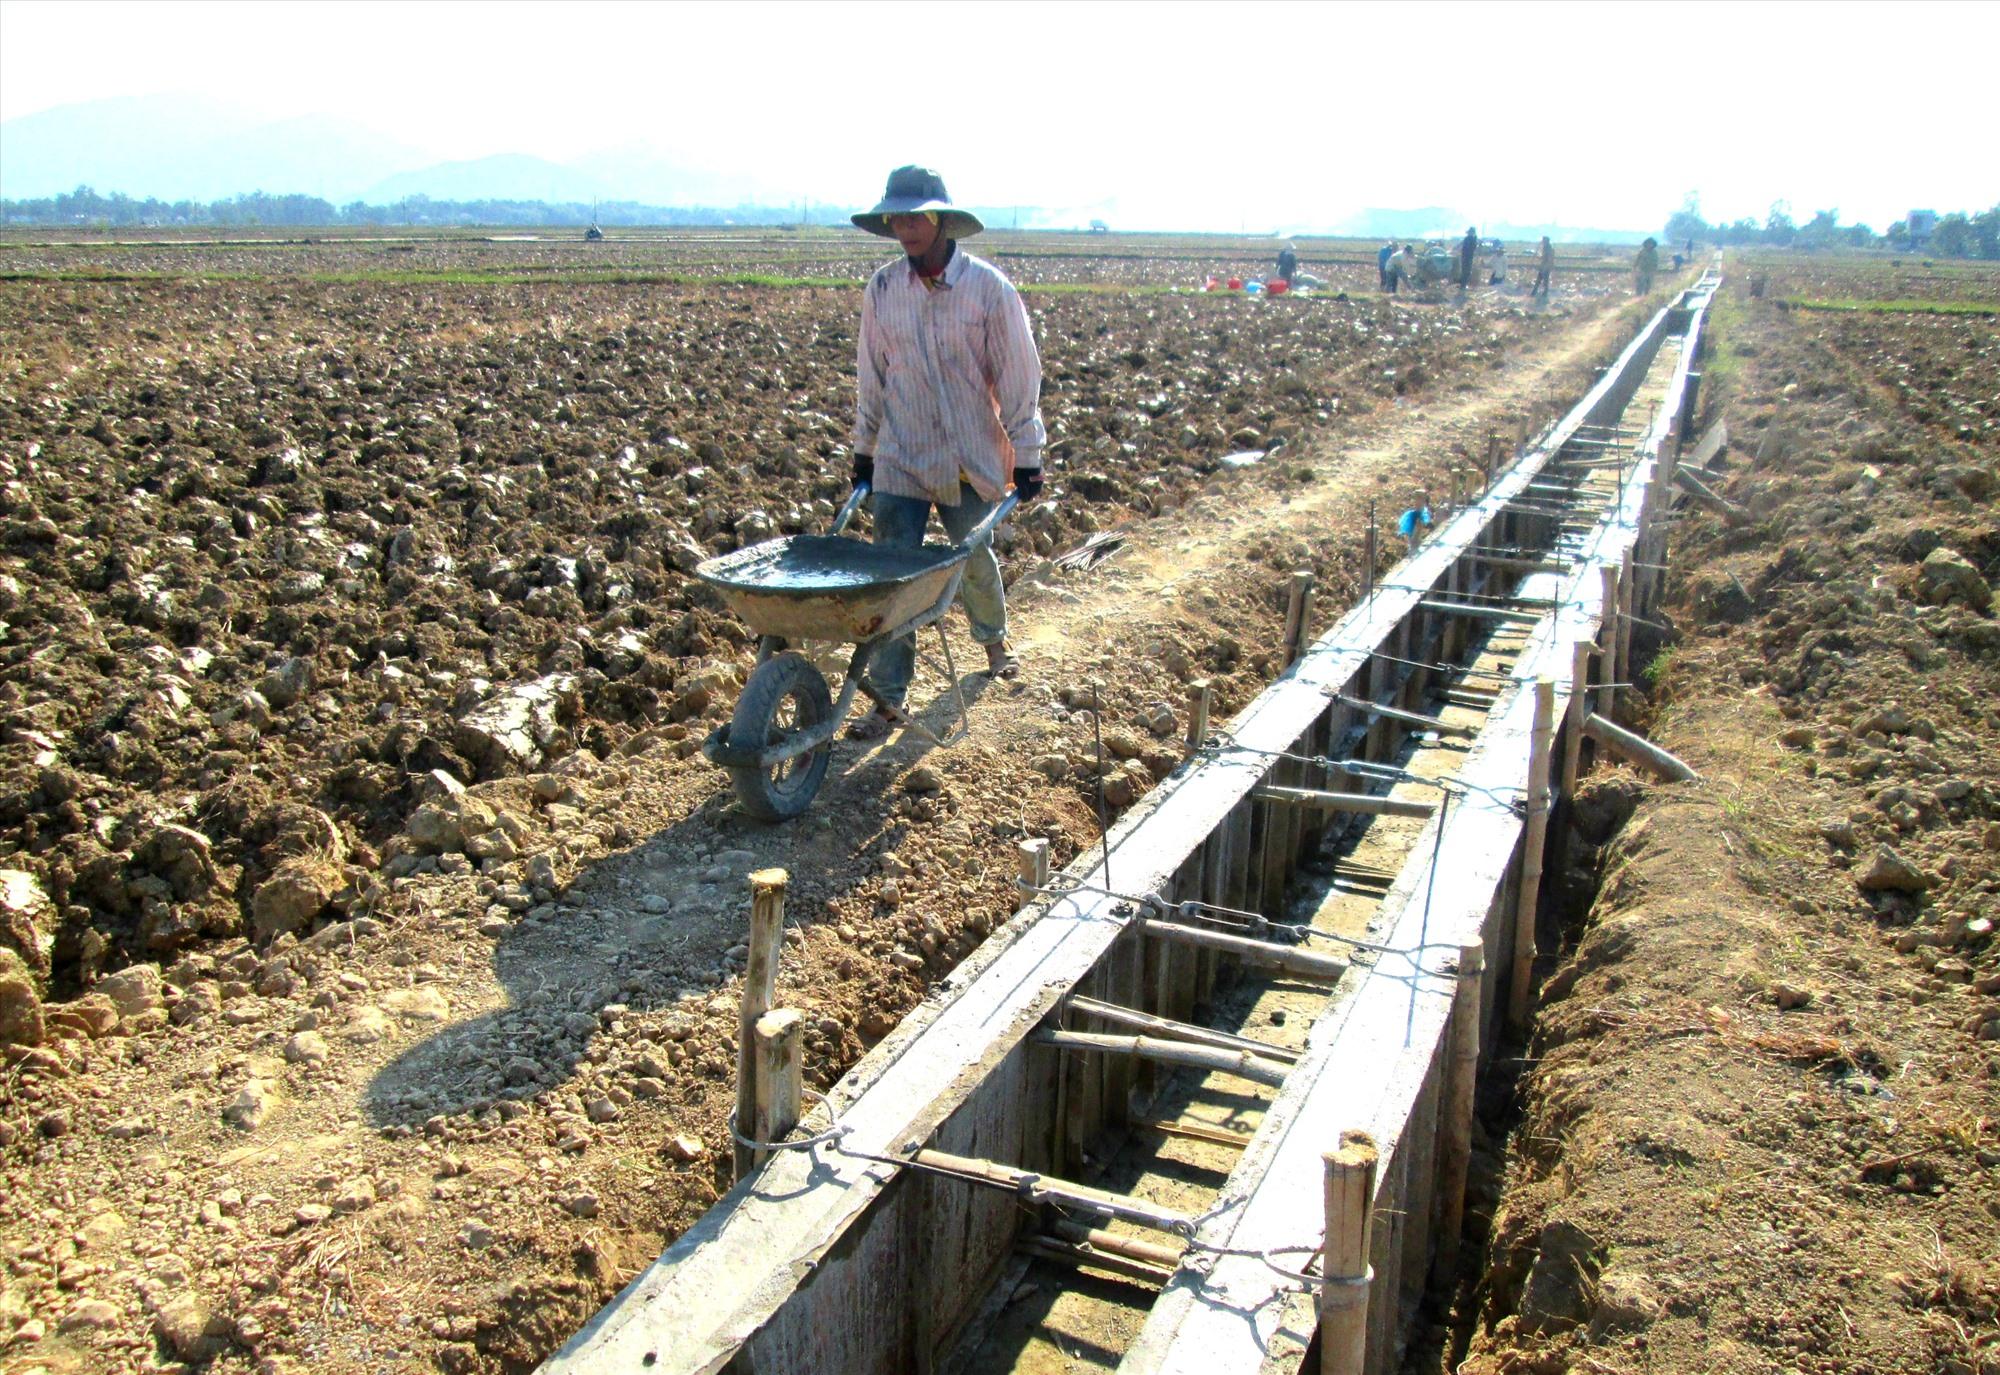 Những năm qua, Quế Sơn ưu tiên nhiều nguồn lực đầu tư xây dựng hạ tầng thủy lợi. Ảnh: N.S